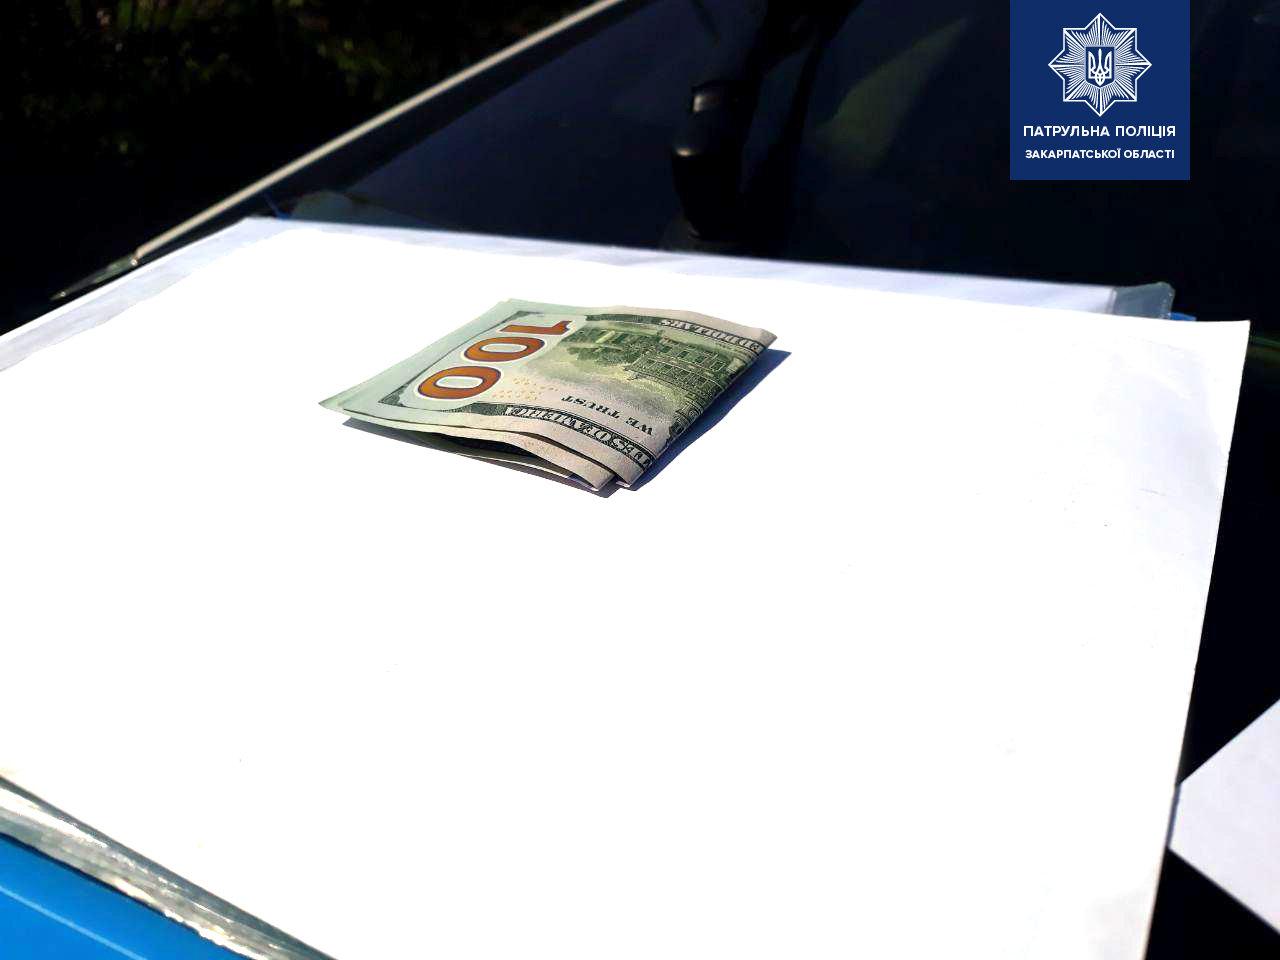 В Ужгороді п'яний водій намагався відкупитися від патрульної поліції хабарем (ФОТО), фото-3